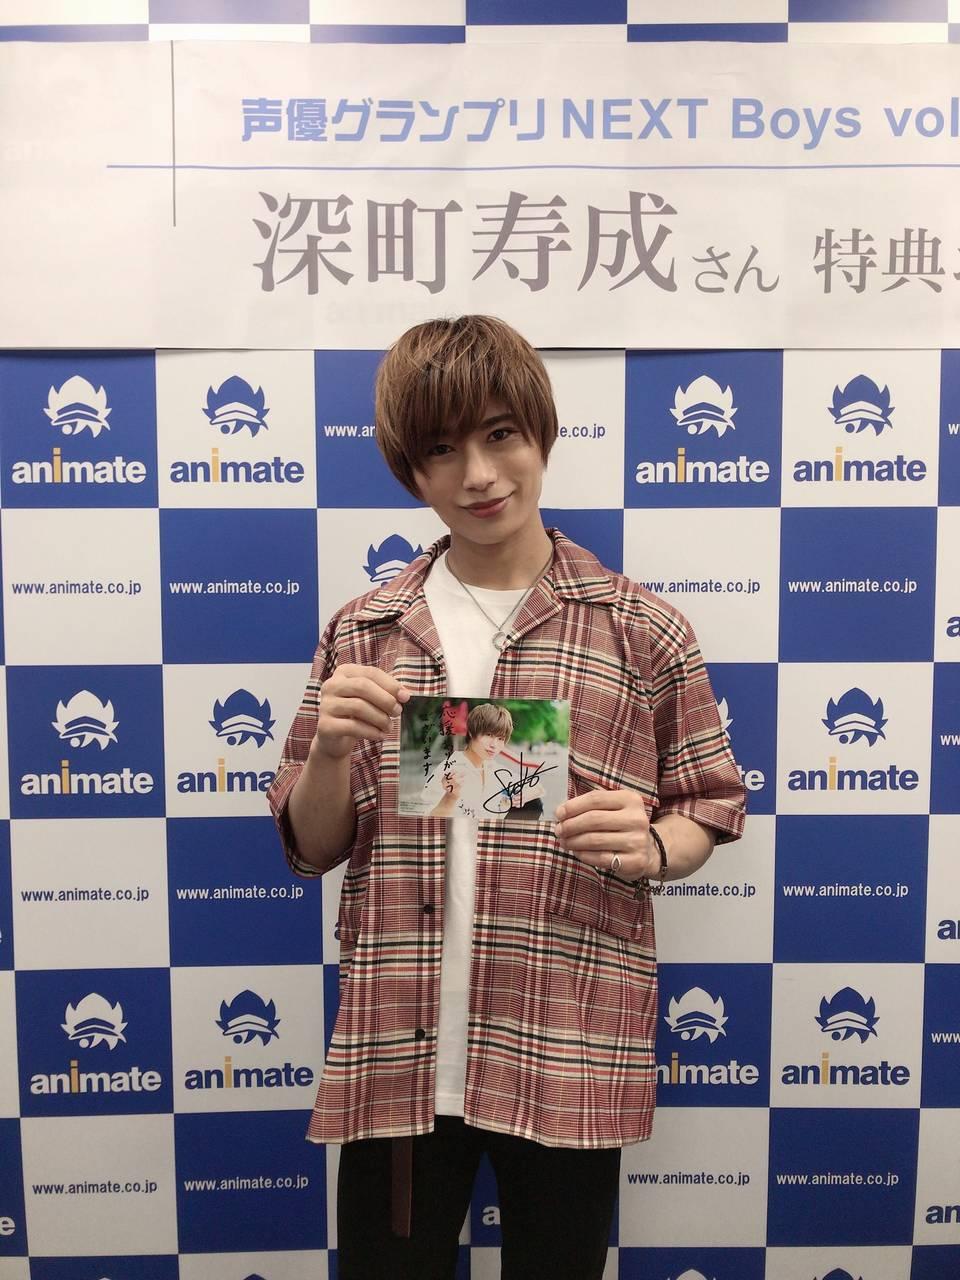 深町寿成、『声優グランプリNEXT Boys vol.4』の発売記念イベントを開催!